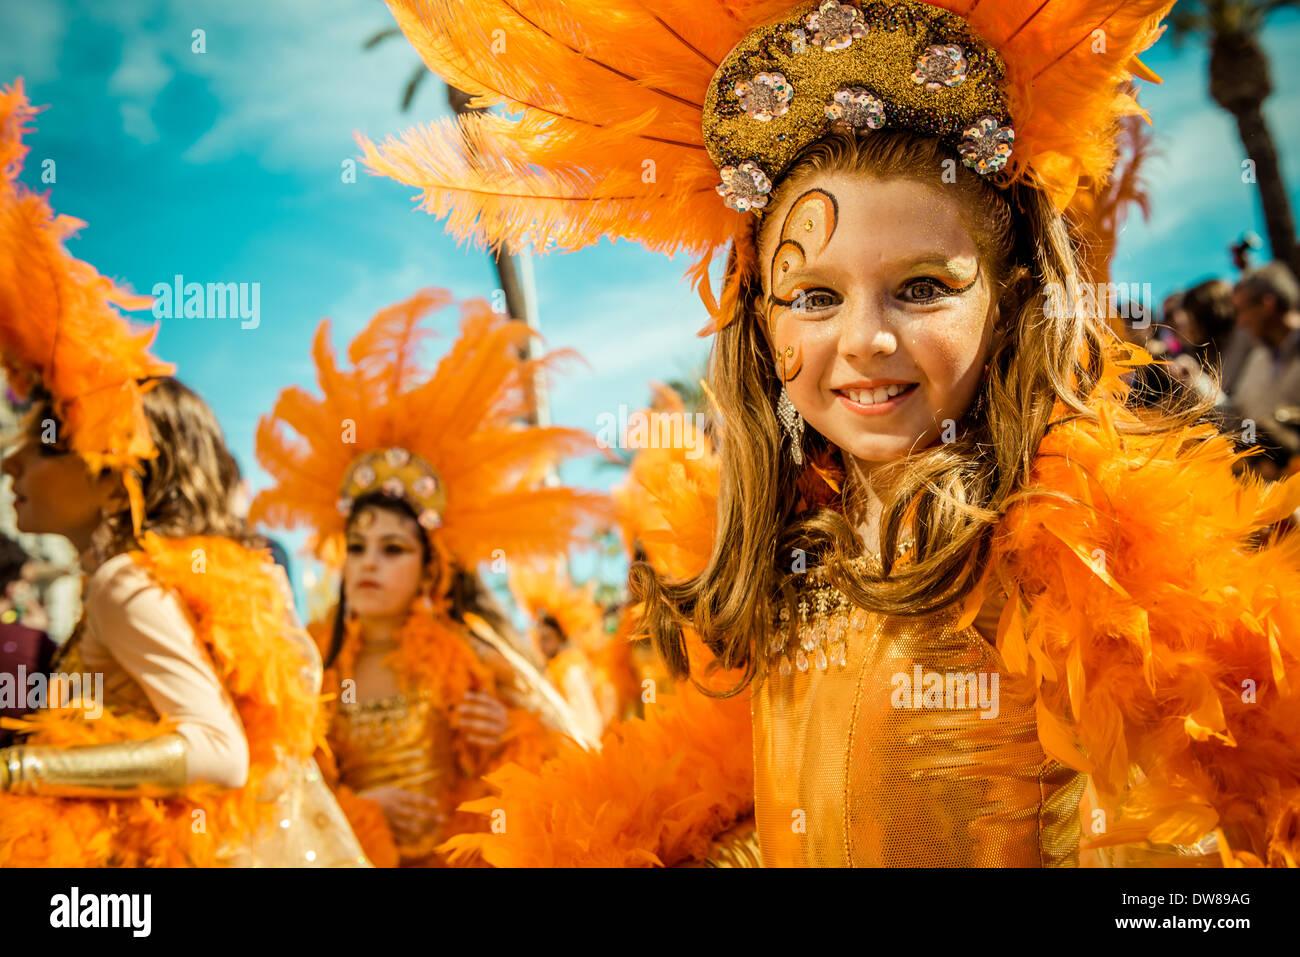 Sitges, Espagne. 2 mars 2014: les enfants au cours de la danse des fêtards de la parade de dimanche défilé Photo Stock